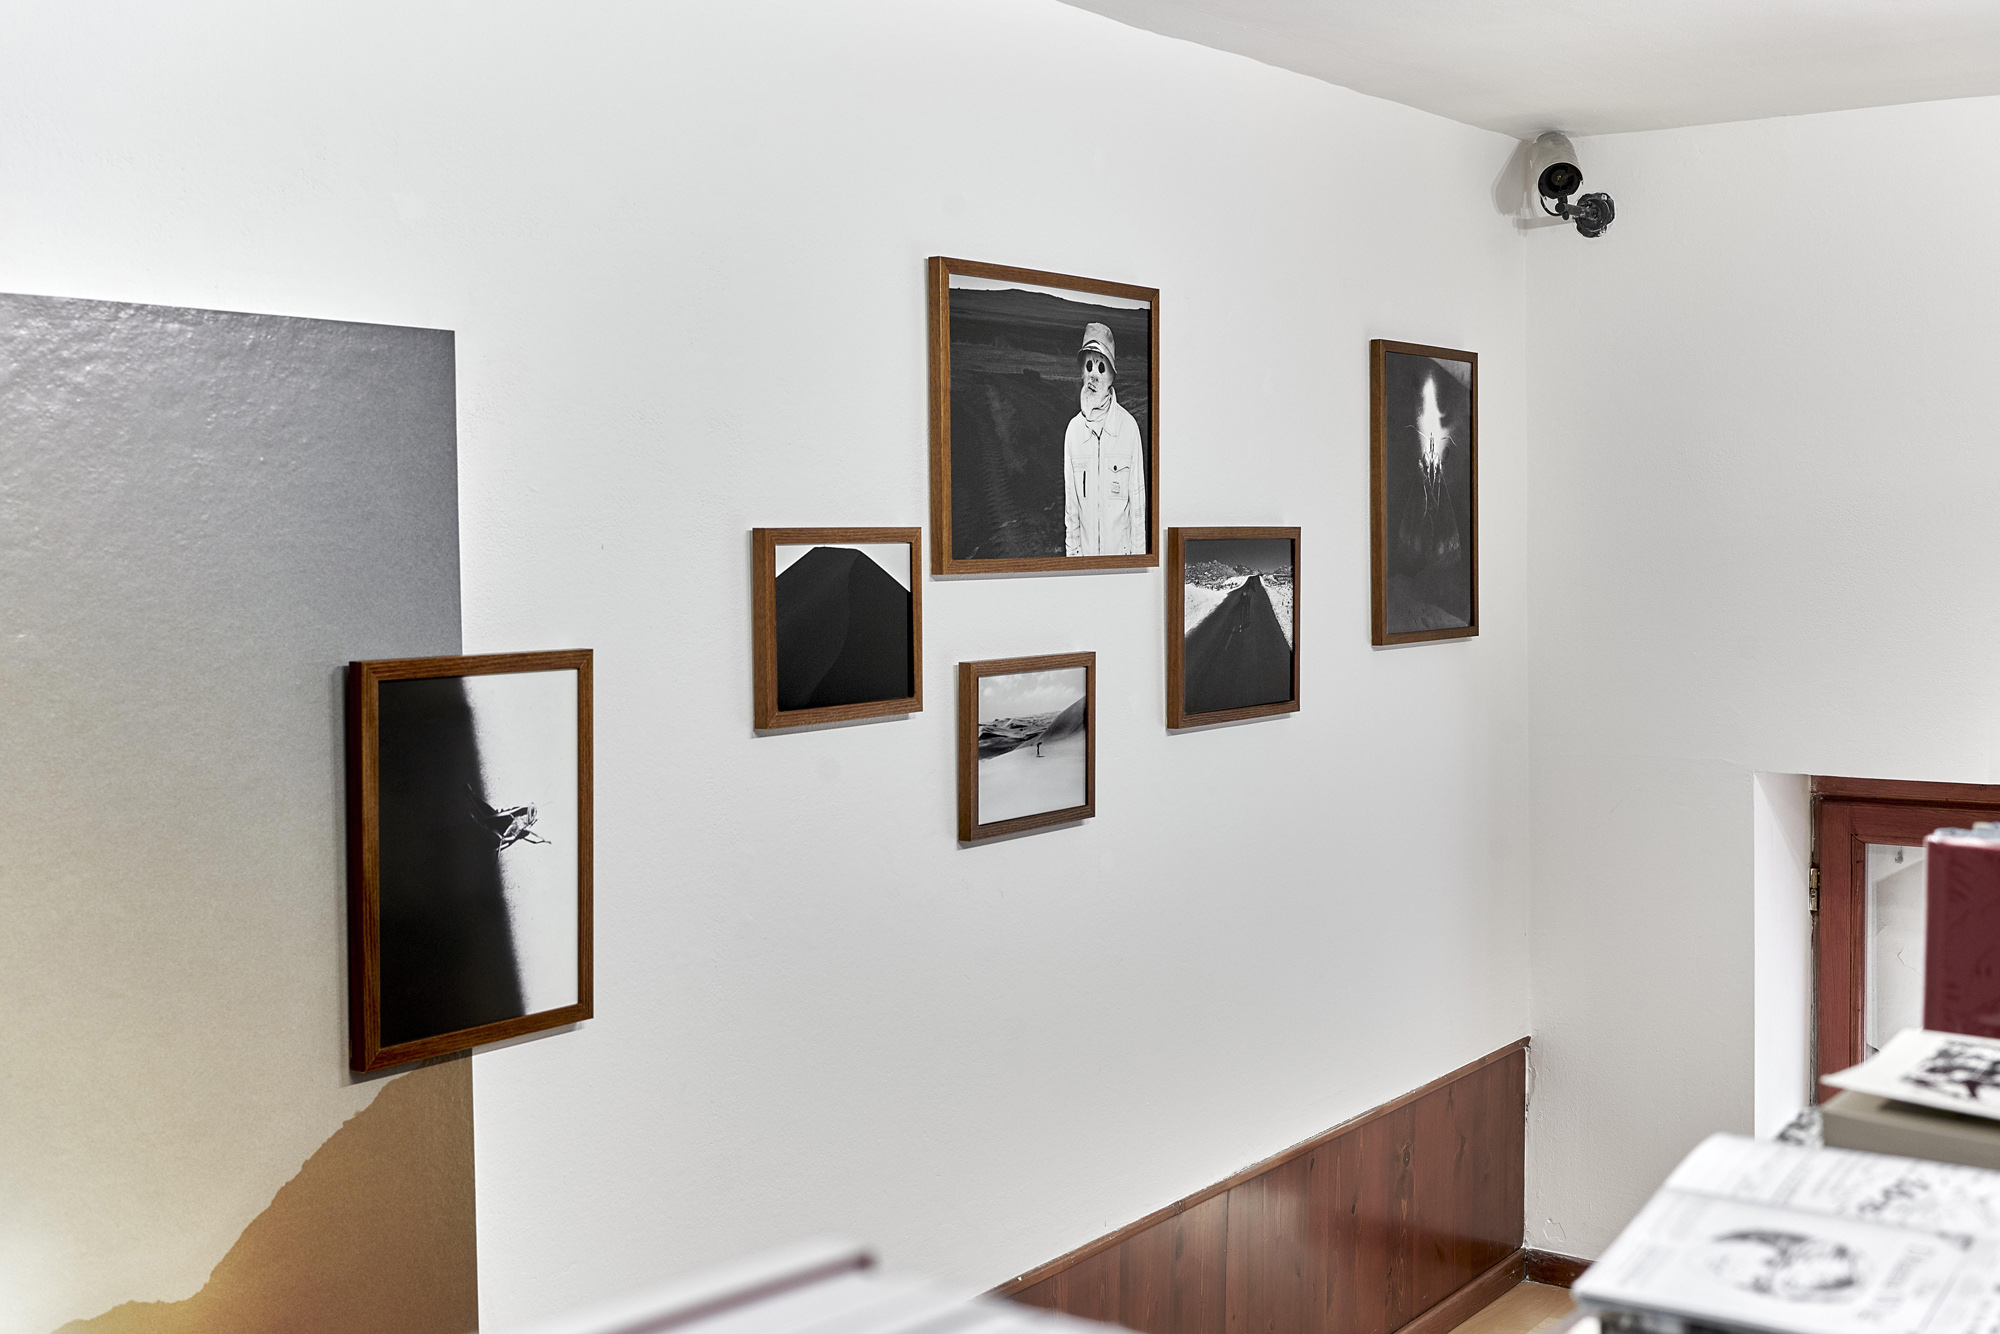 Fotó: Kiss Imre: Aapo Huhta kiállítás a PaperLab Galériában, Mai Manó Könyvesbolt